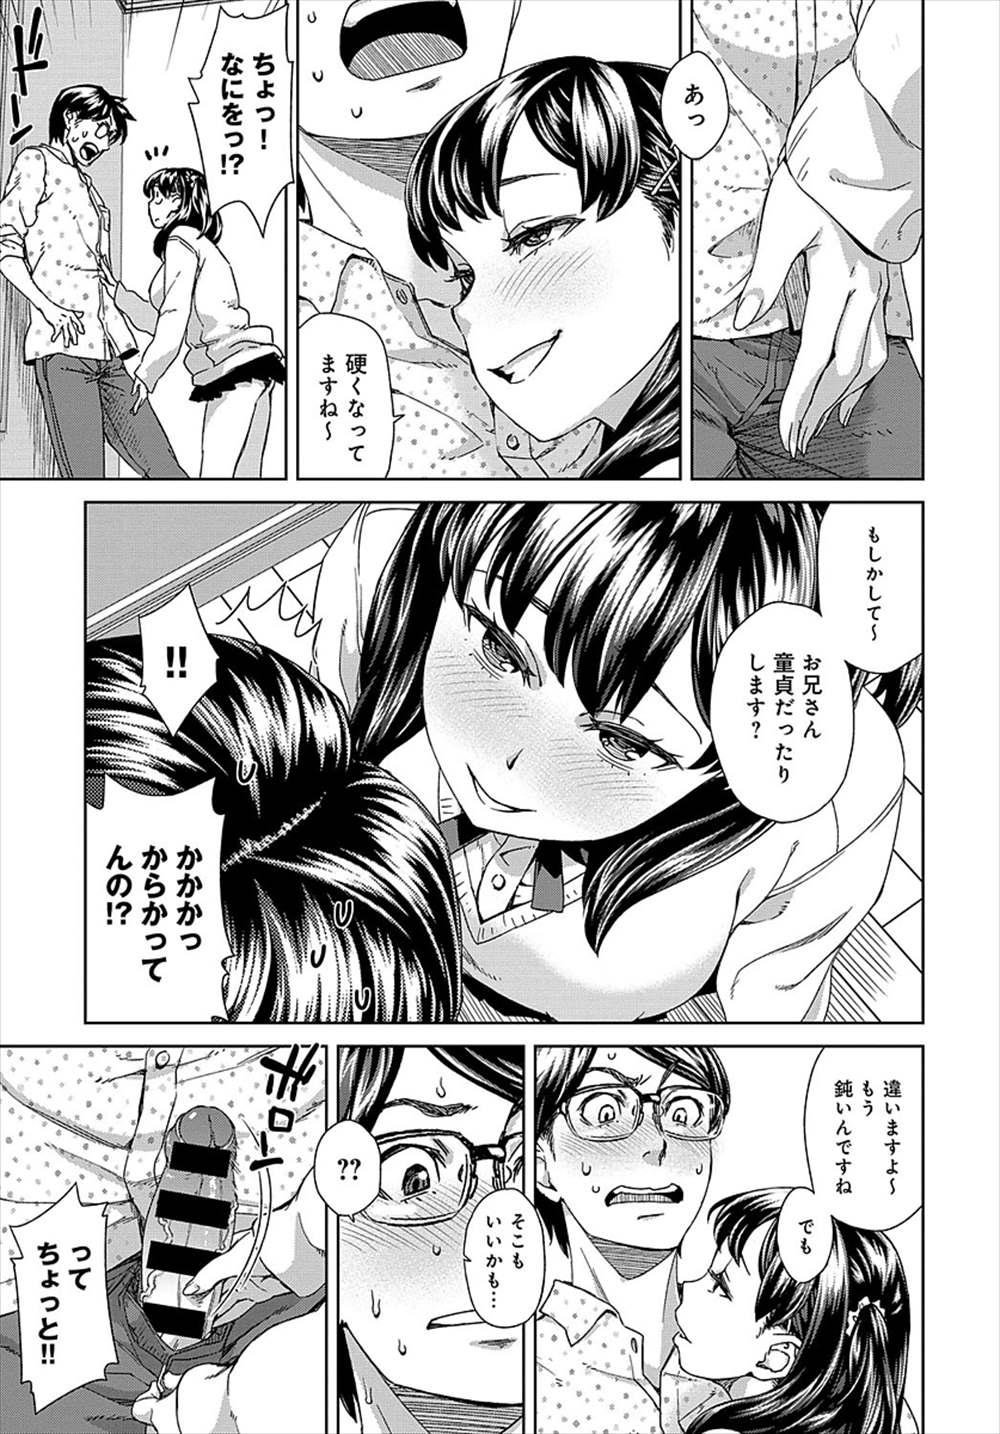 【エロ漫画】妹の友達JKに誘惑される兄…フェラチオされて生挿入中出しした結果www【小春七草:遊びじゃないッ】